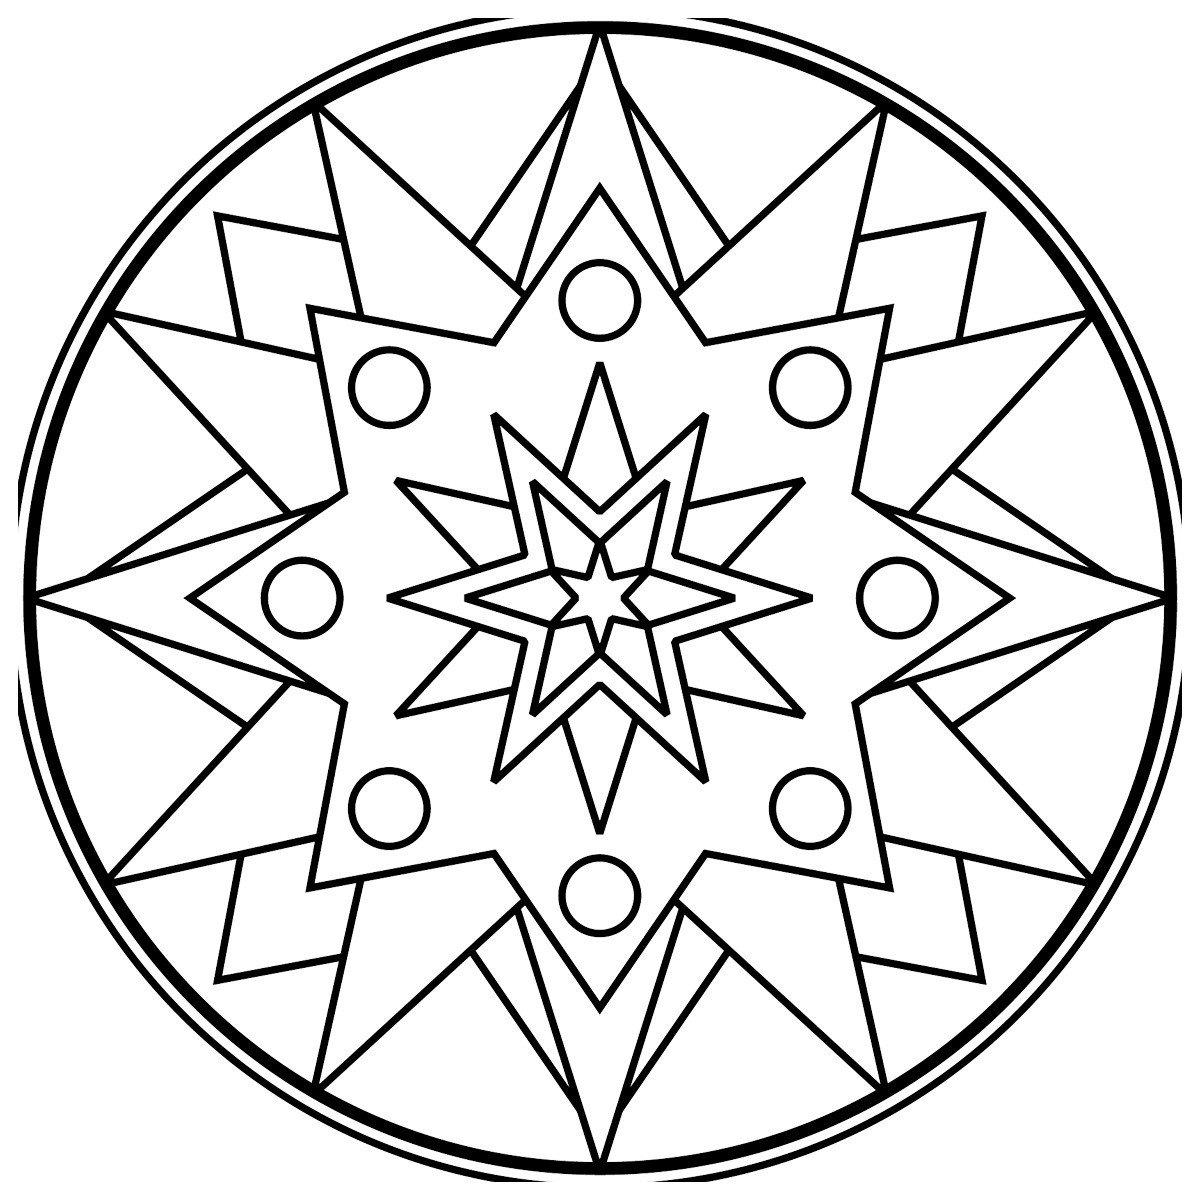 Зендала Слоистая - Картинка для раскрашивания красками-гуашью